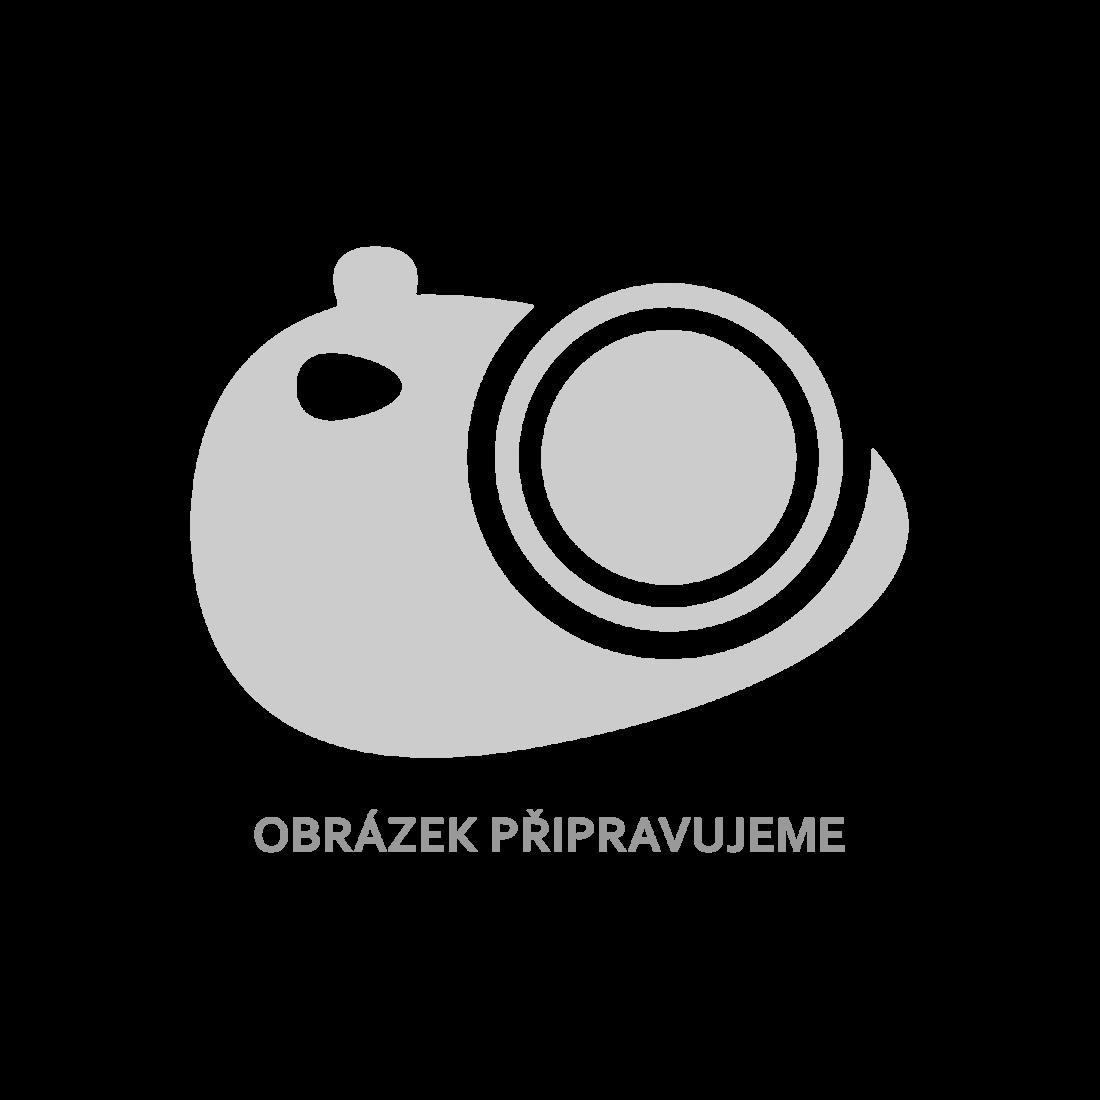 Dřevěný kryt stojanu na slunečník